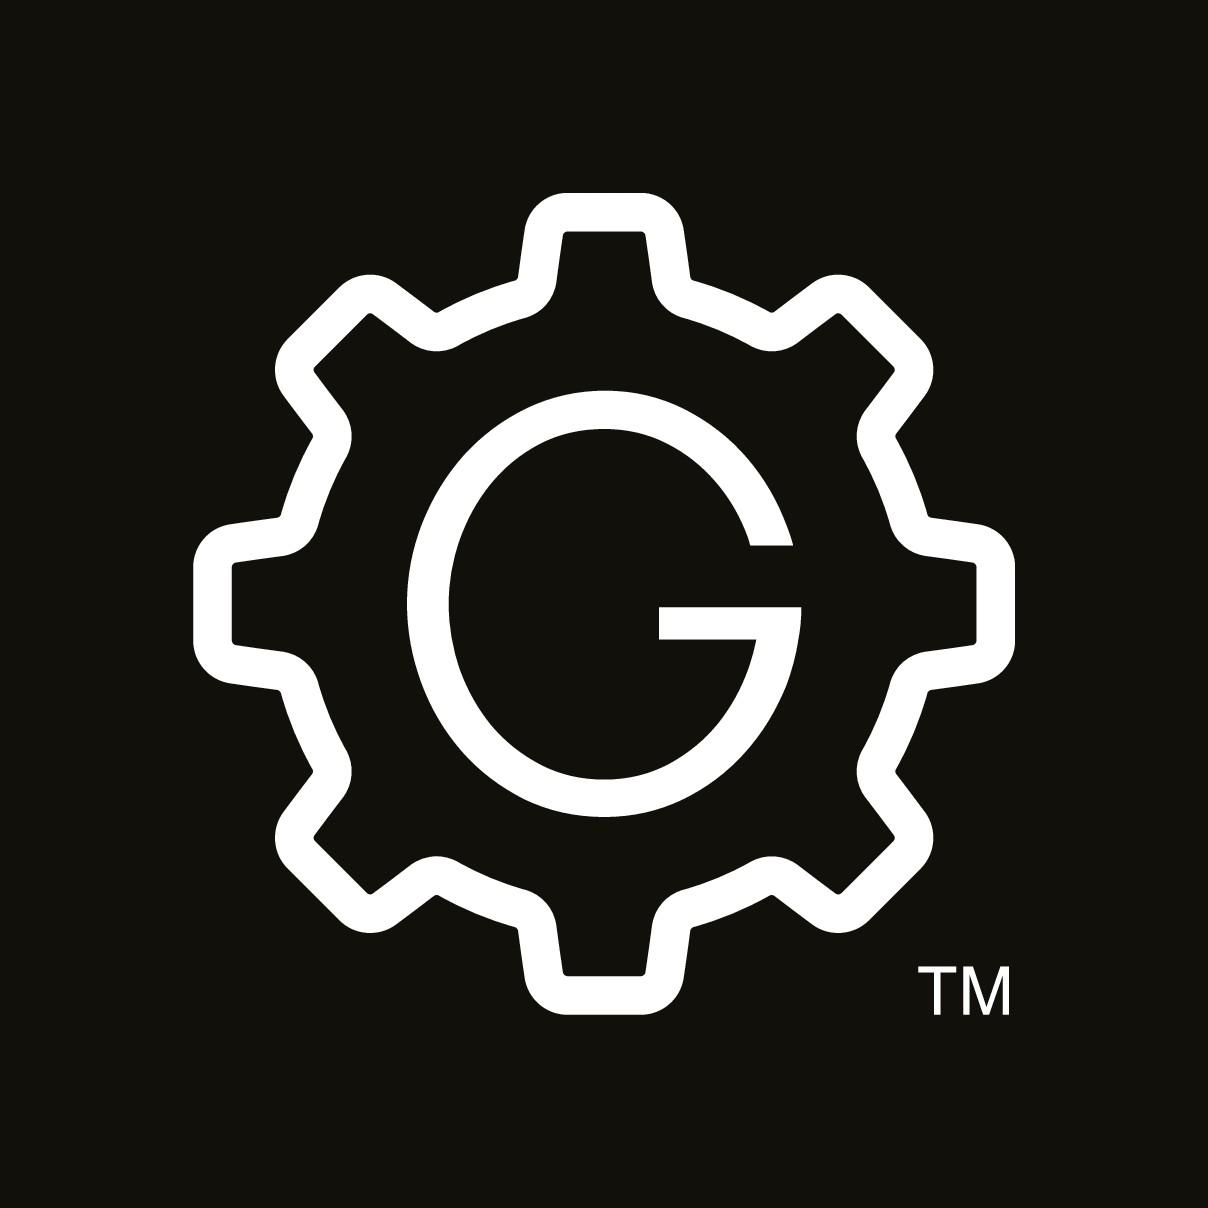 Fleetdex.com/Gearmall.com/Gearnet.com